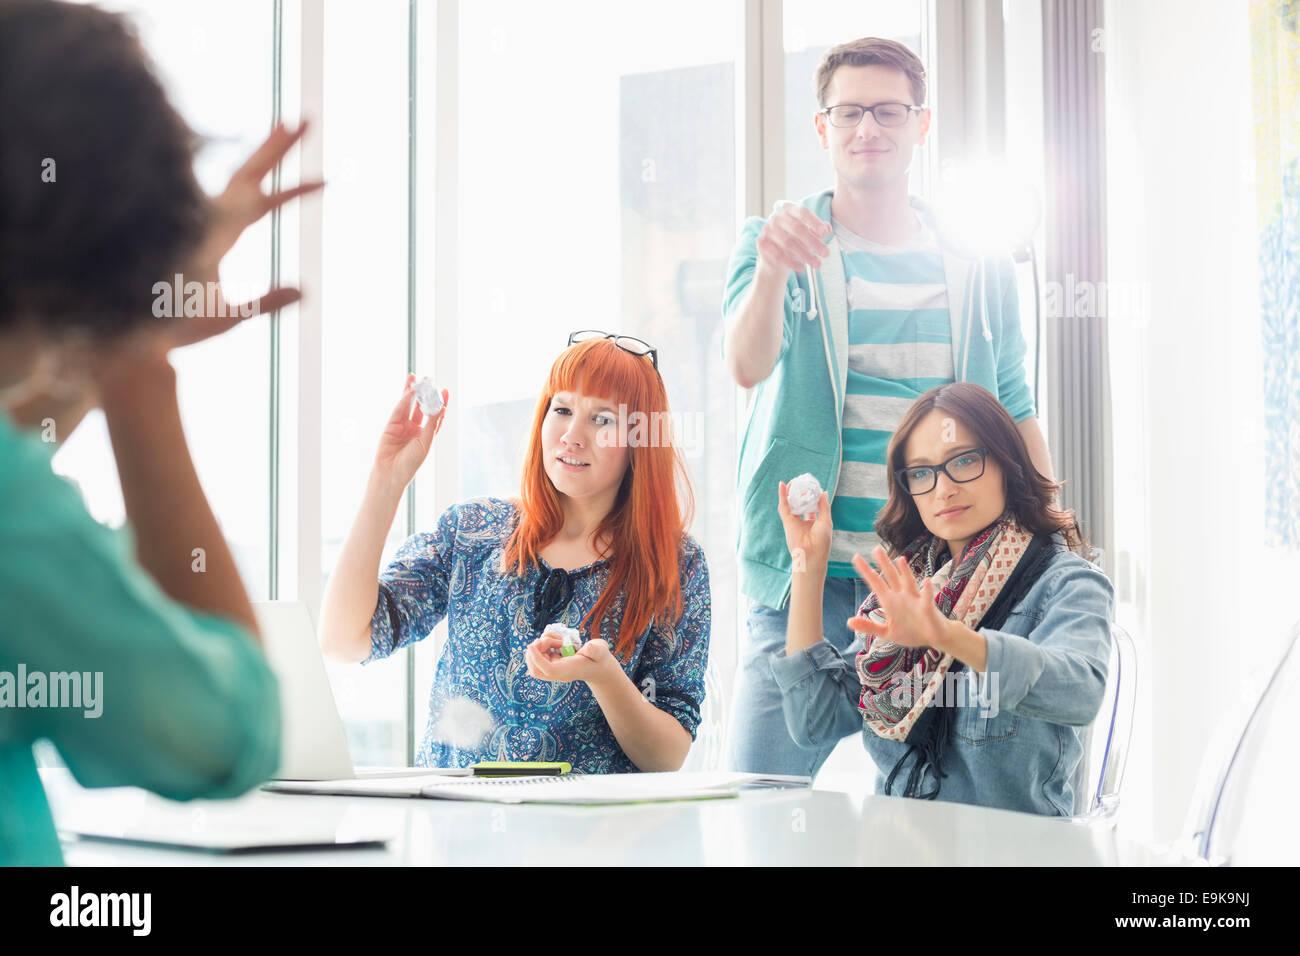 Arrabbiato gli imprenditori lanciando palle di carta su un collega in ufficio creativo Immagini Stock